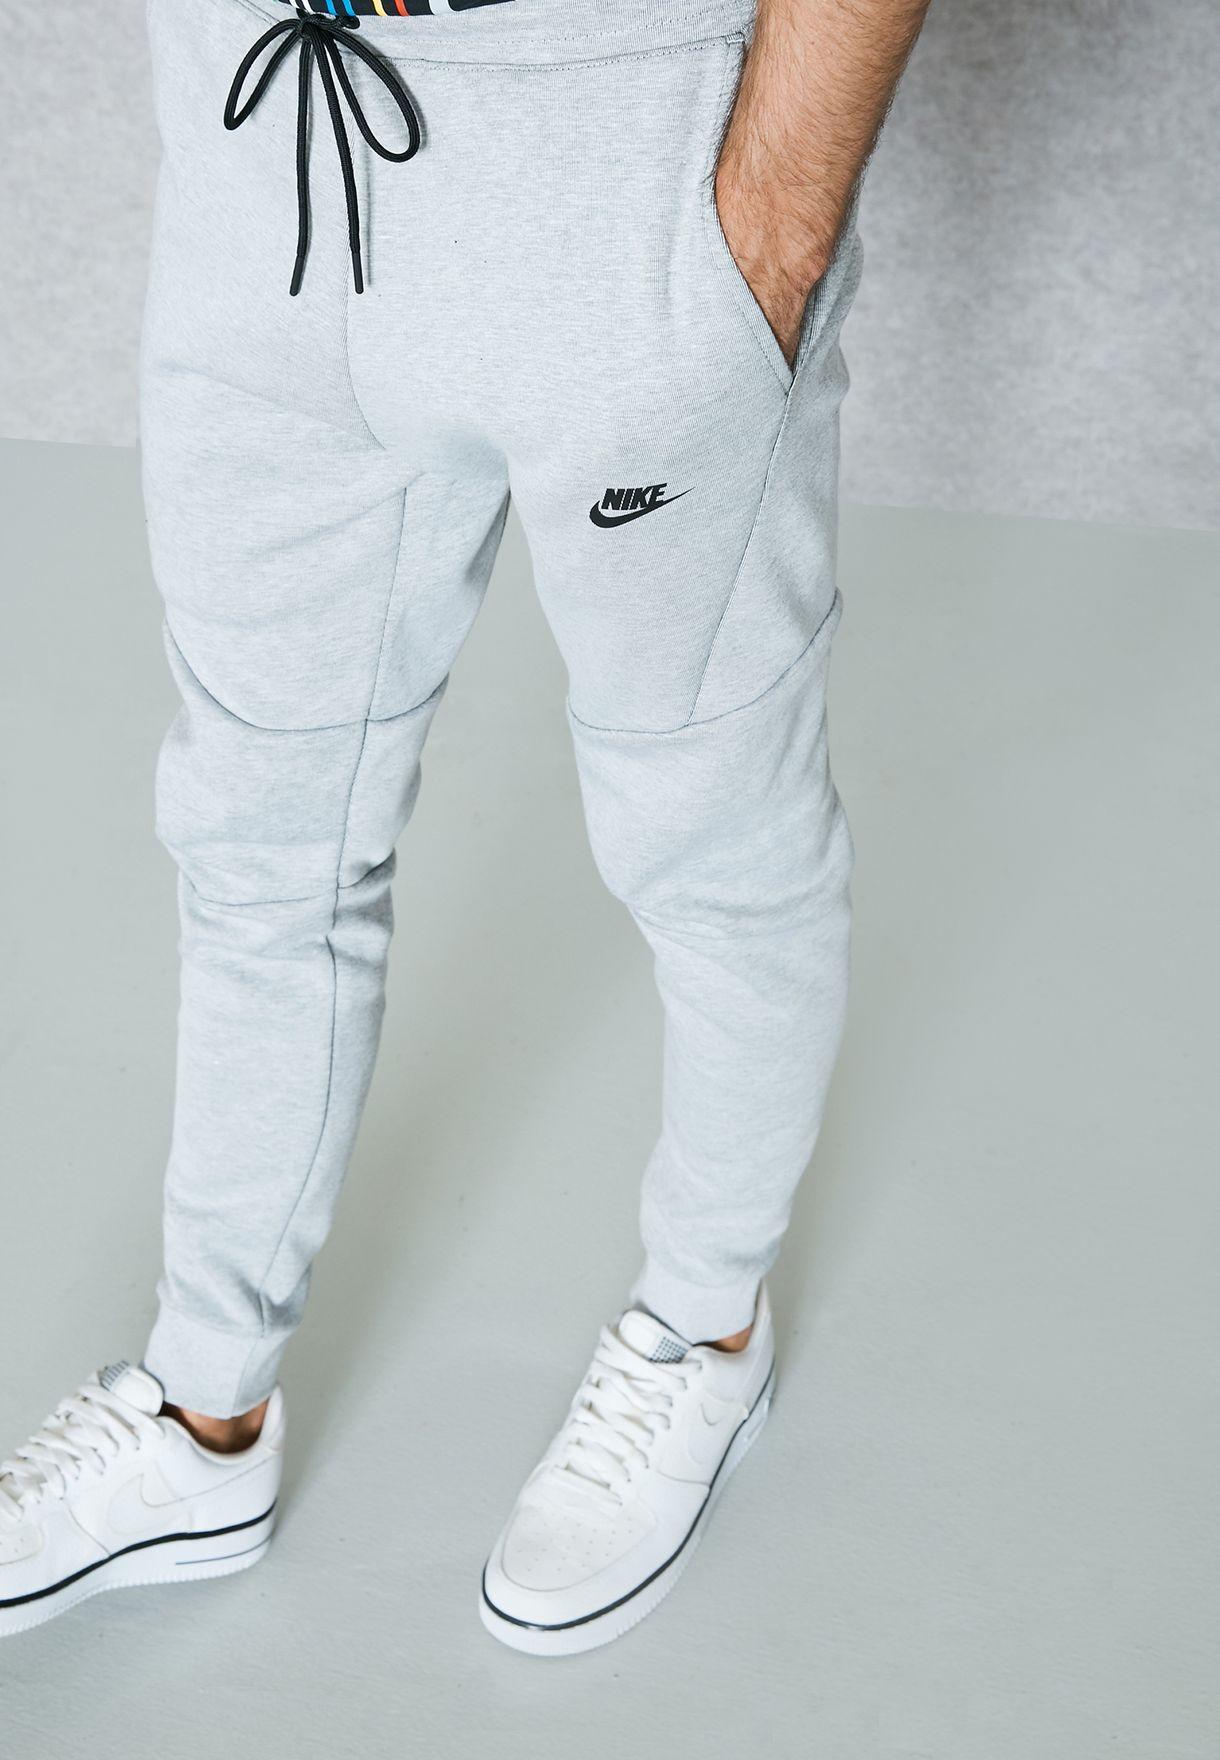 f667a48cefe9 Shop Nike grey Tech Fleece Sweatpants 805162-100 for Men in UAE ...